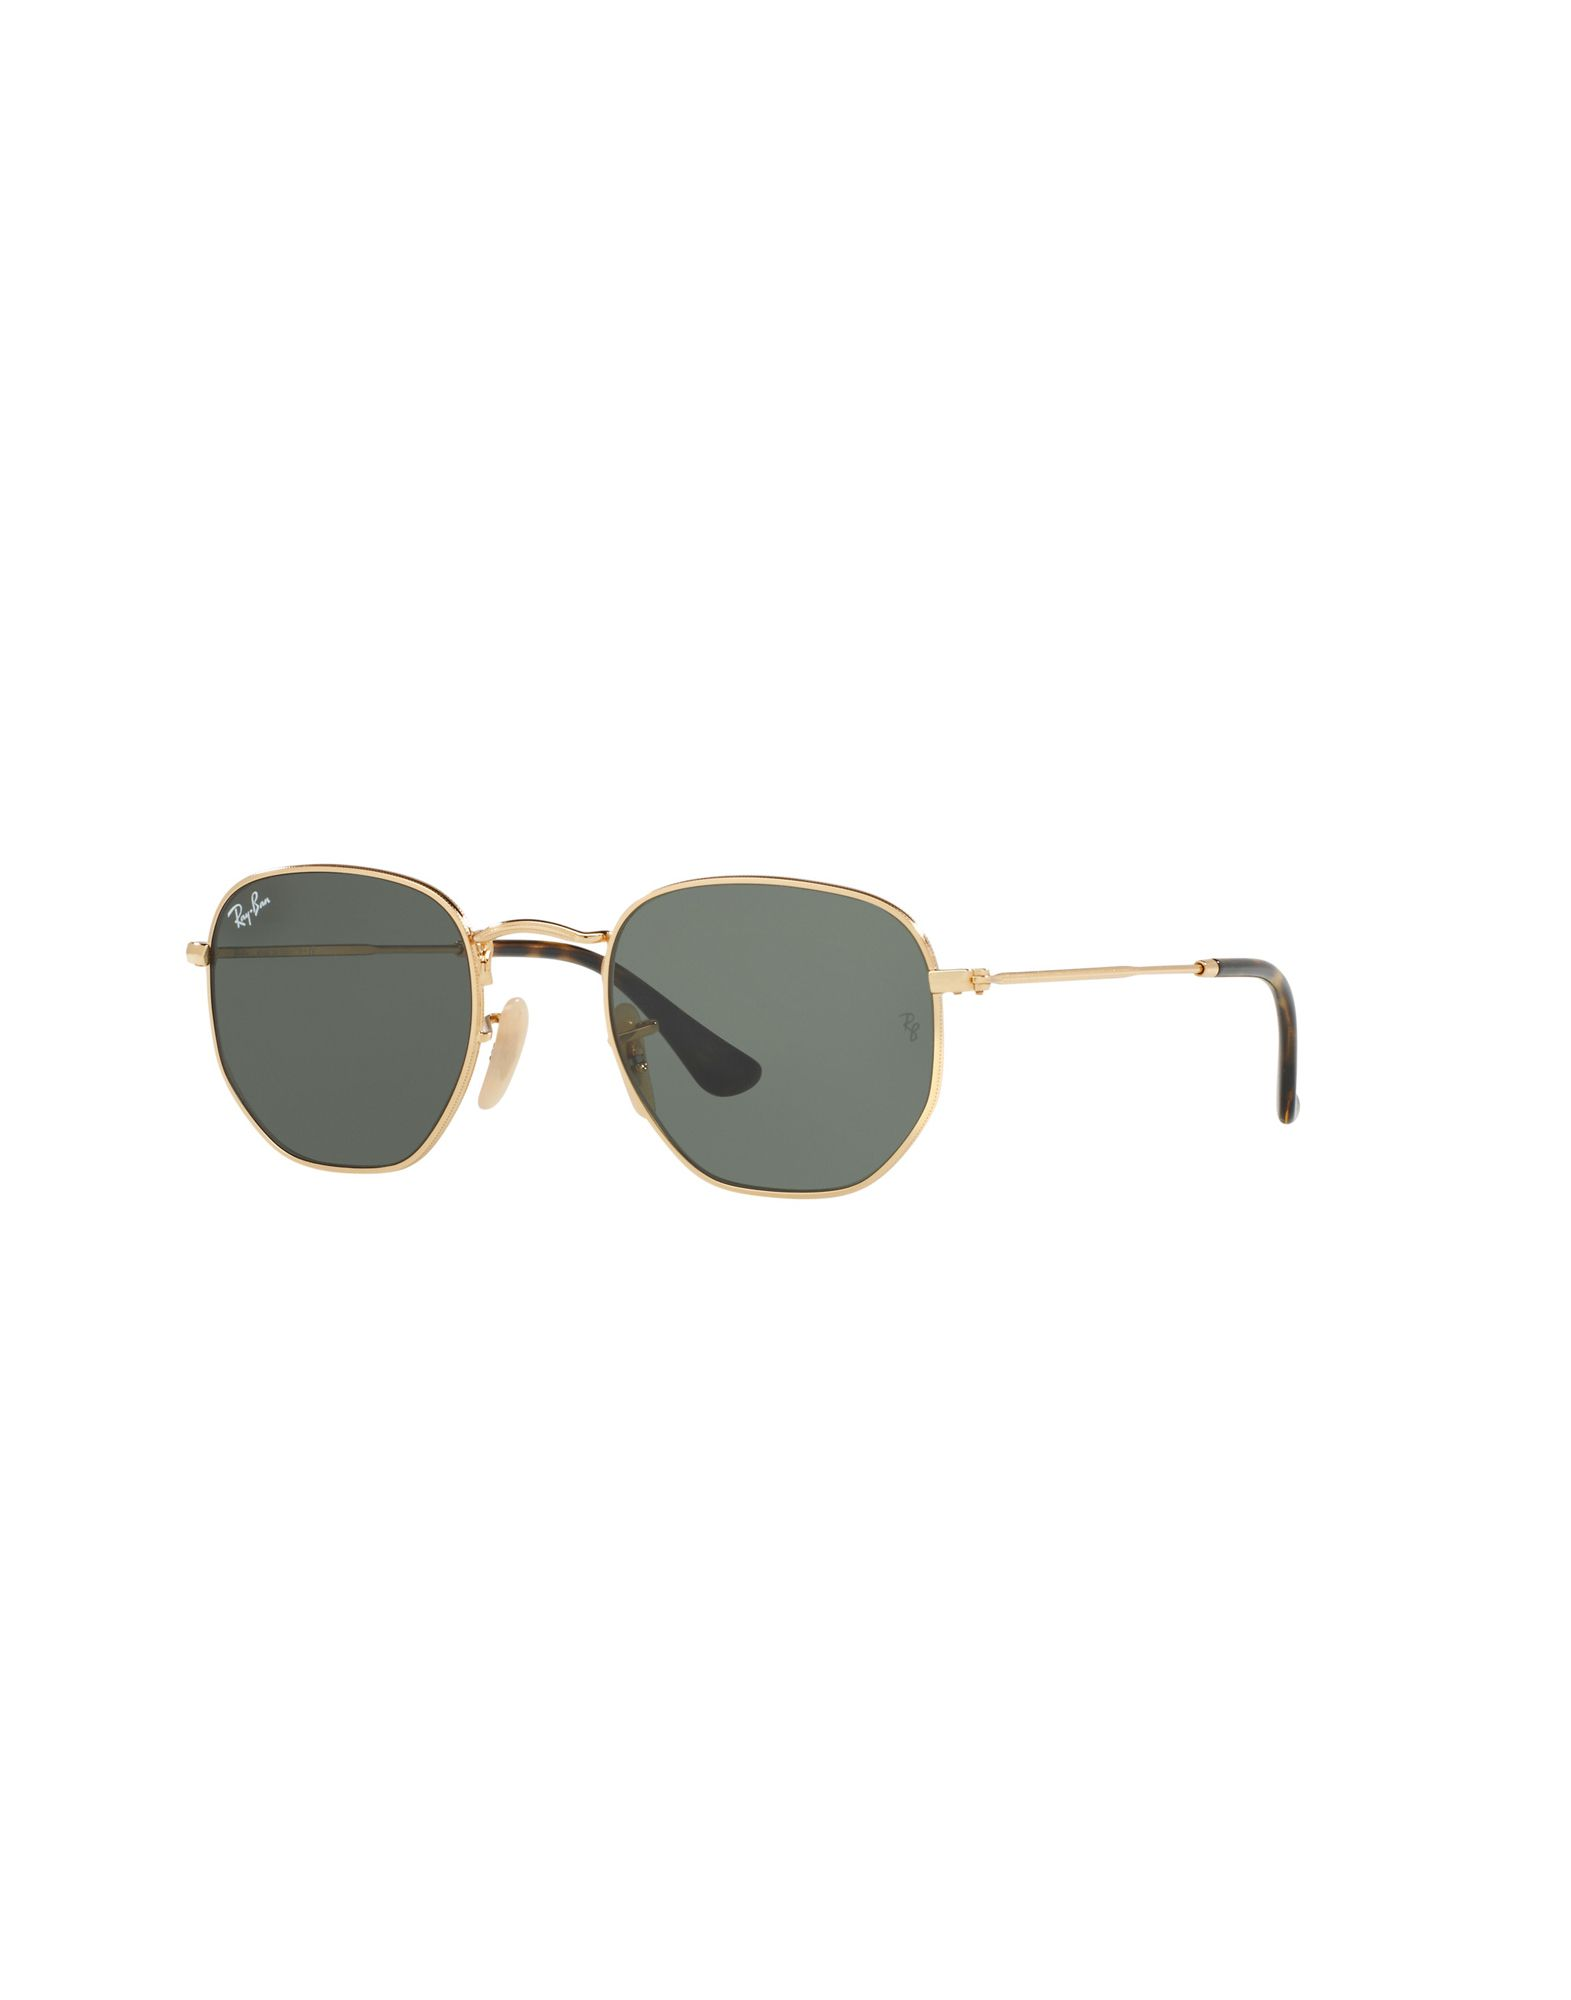 RAY-BAN Солнечные очки очки мода 2017 женские солнечные